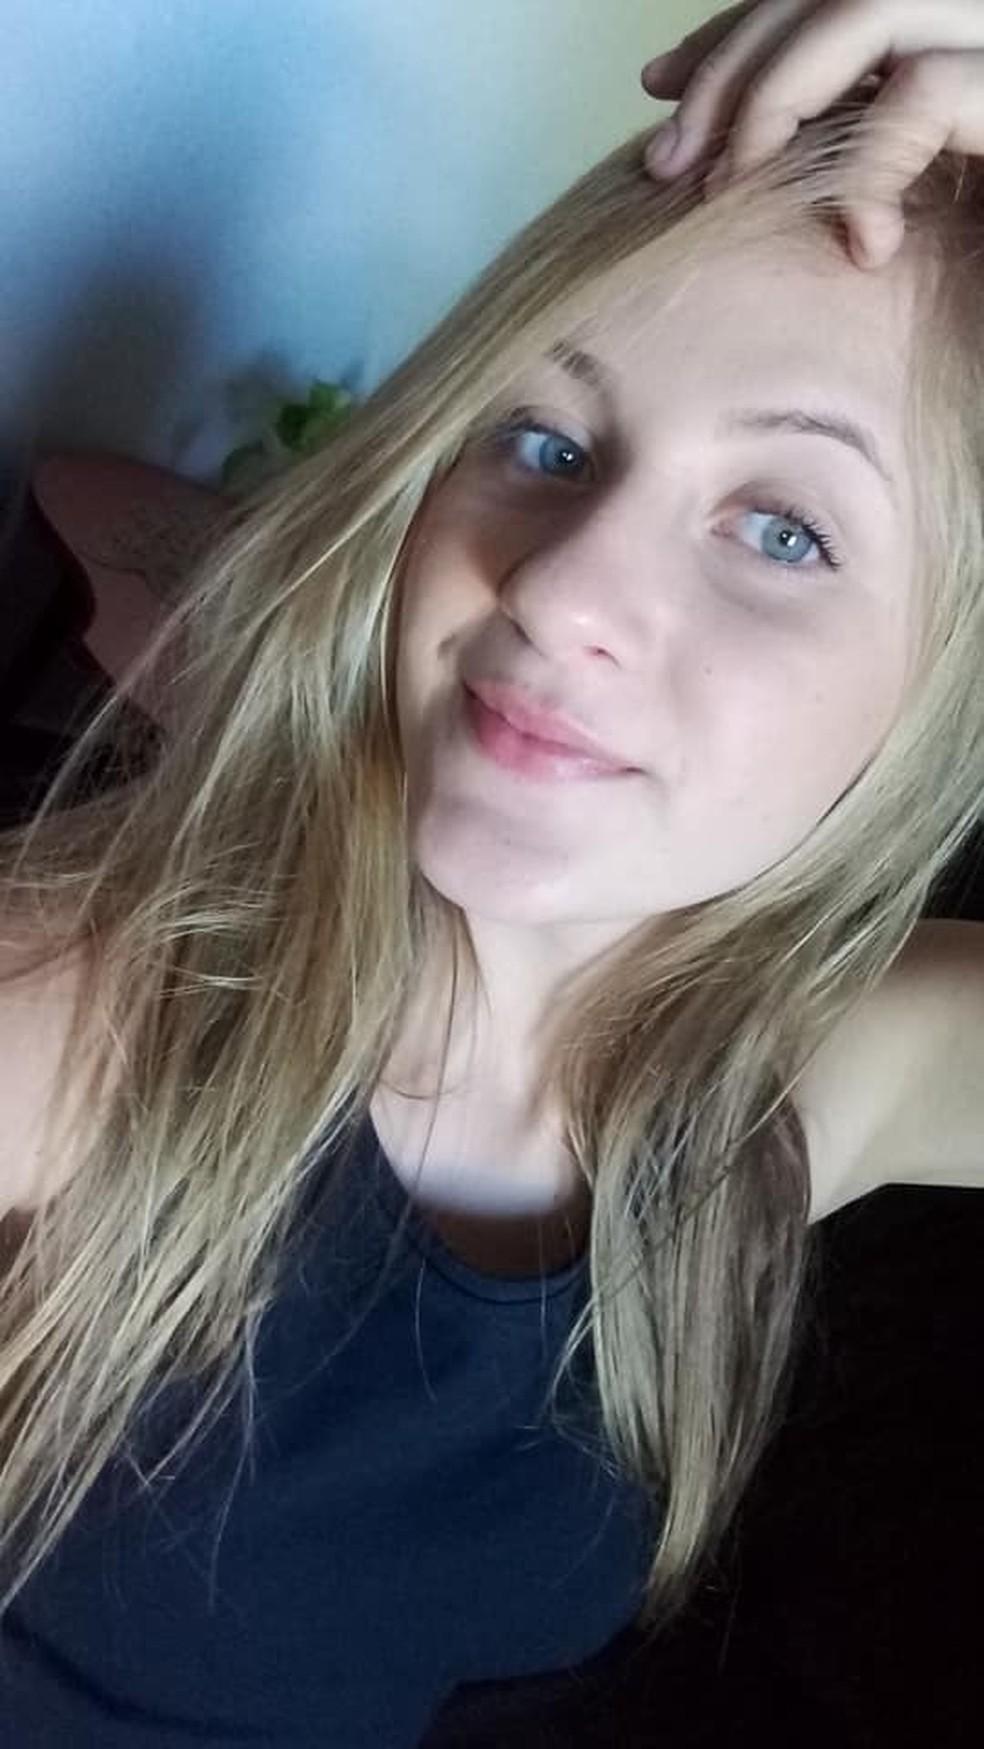 Kendra Rayane de Carvalho foi morta em Mirassol D'Oeste — Foto: Arquivo pessoal